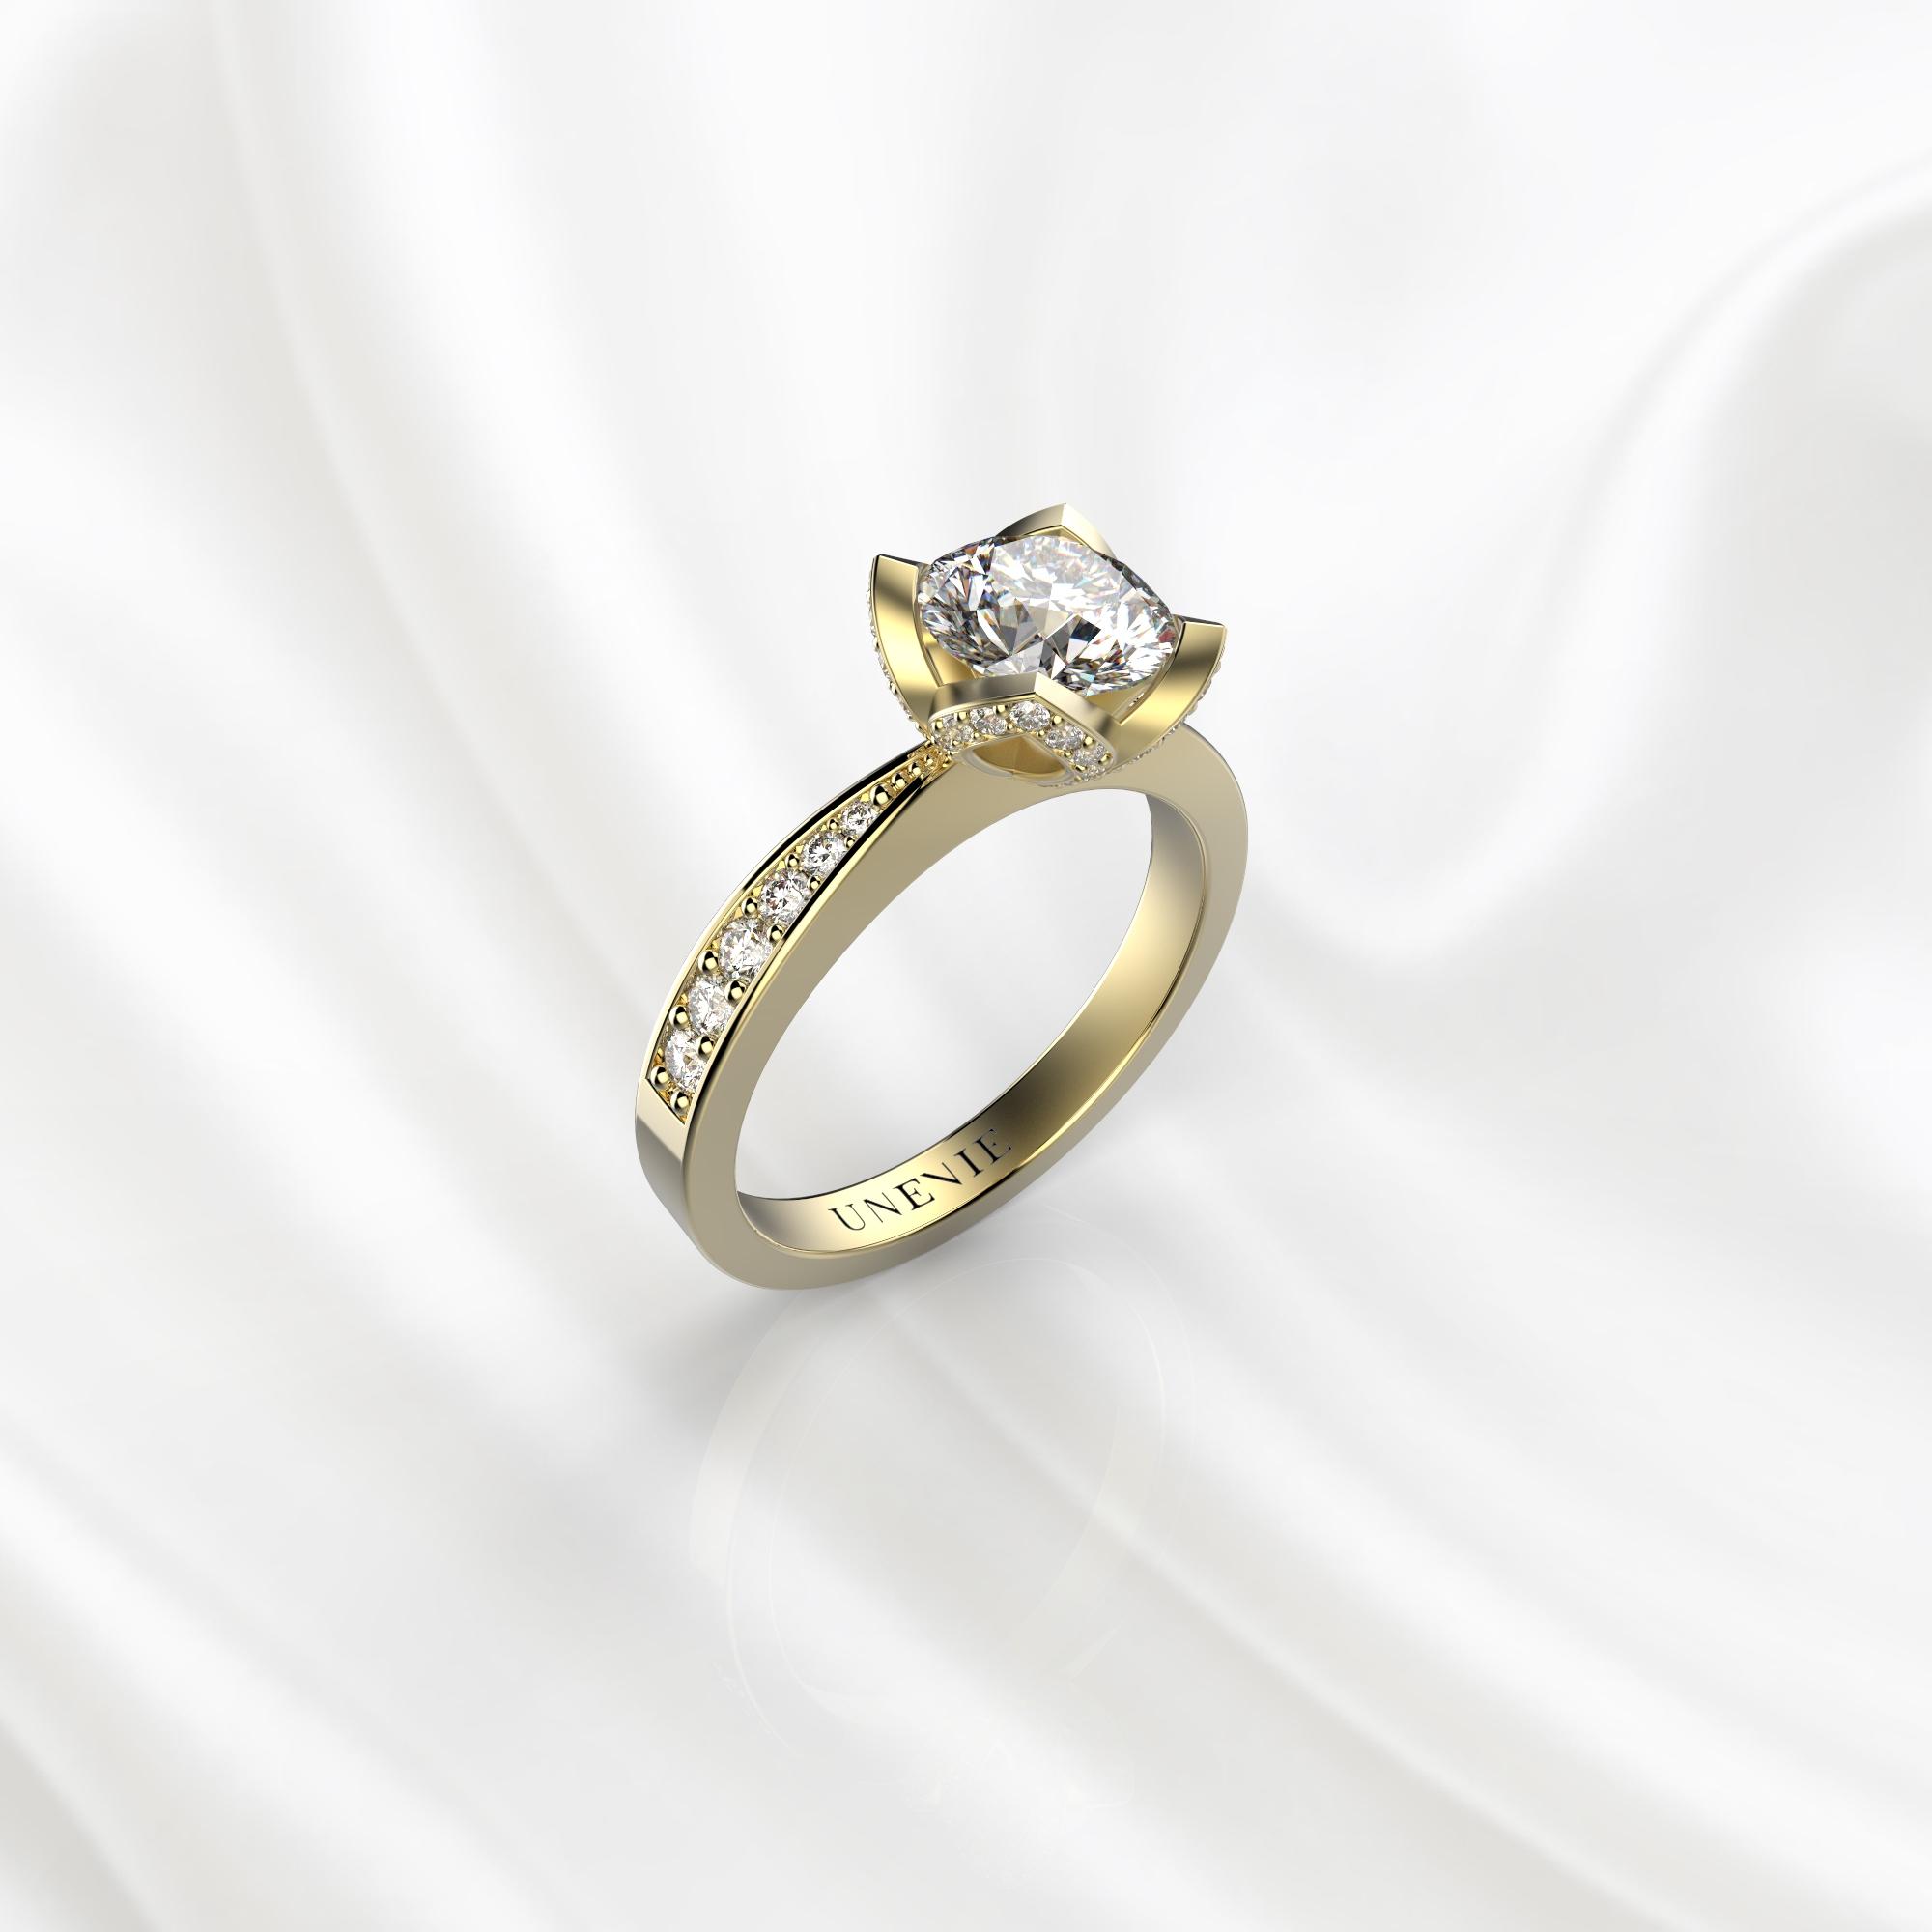 N21 Помолвочное кольцо из желтого золота с бриллиантом 0.3 карат